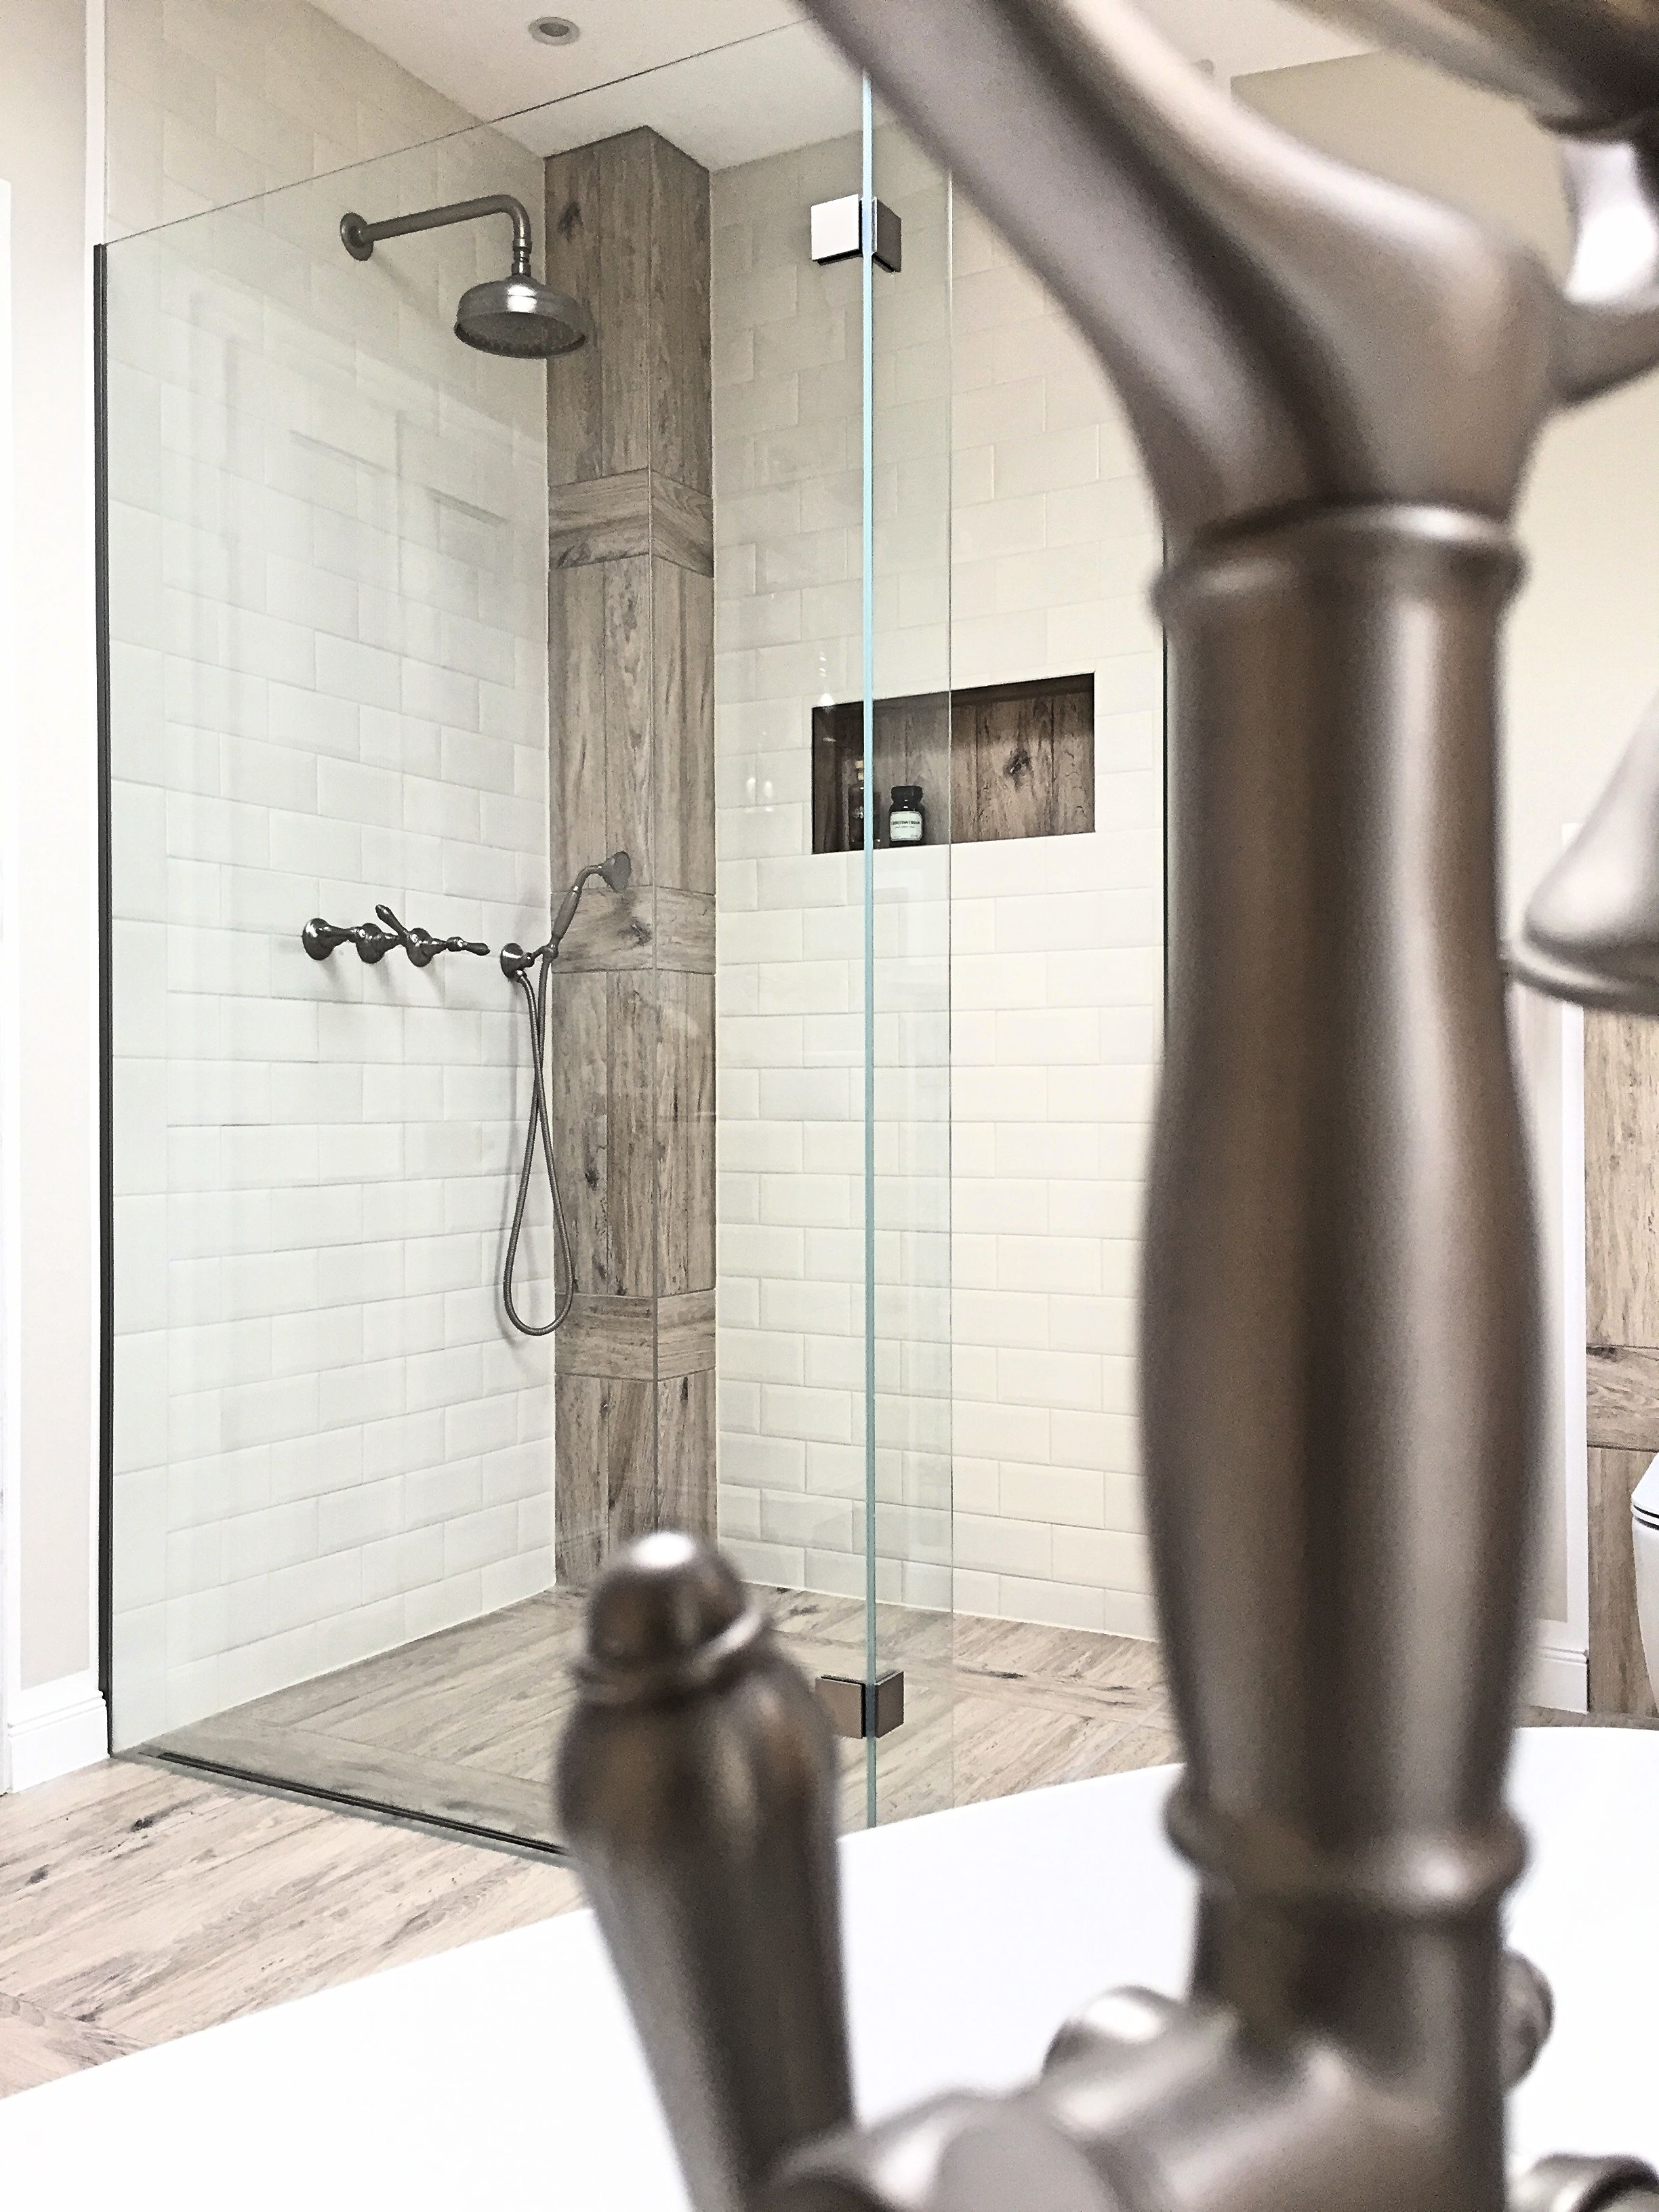 Der Mit Holzfliesen Verkleidete Entluftungskanal Steht Wie Ein Grosser Schiffsmast In Der Dusche Holzfliesen Entluftung Dusche